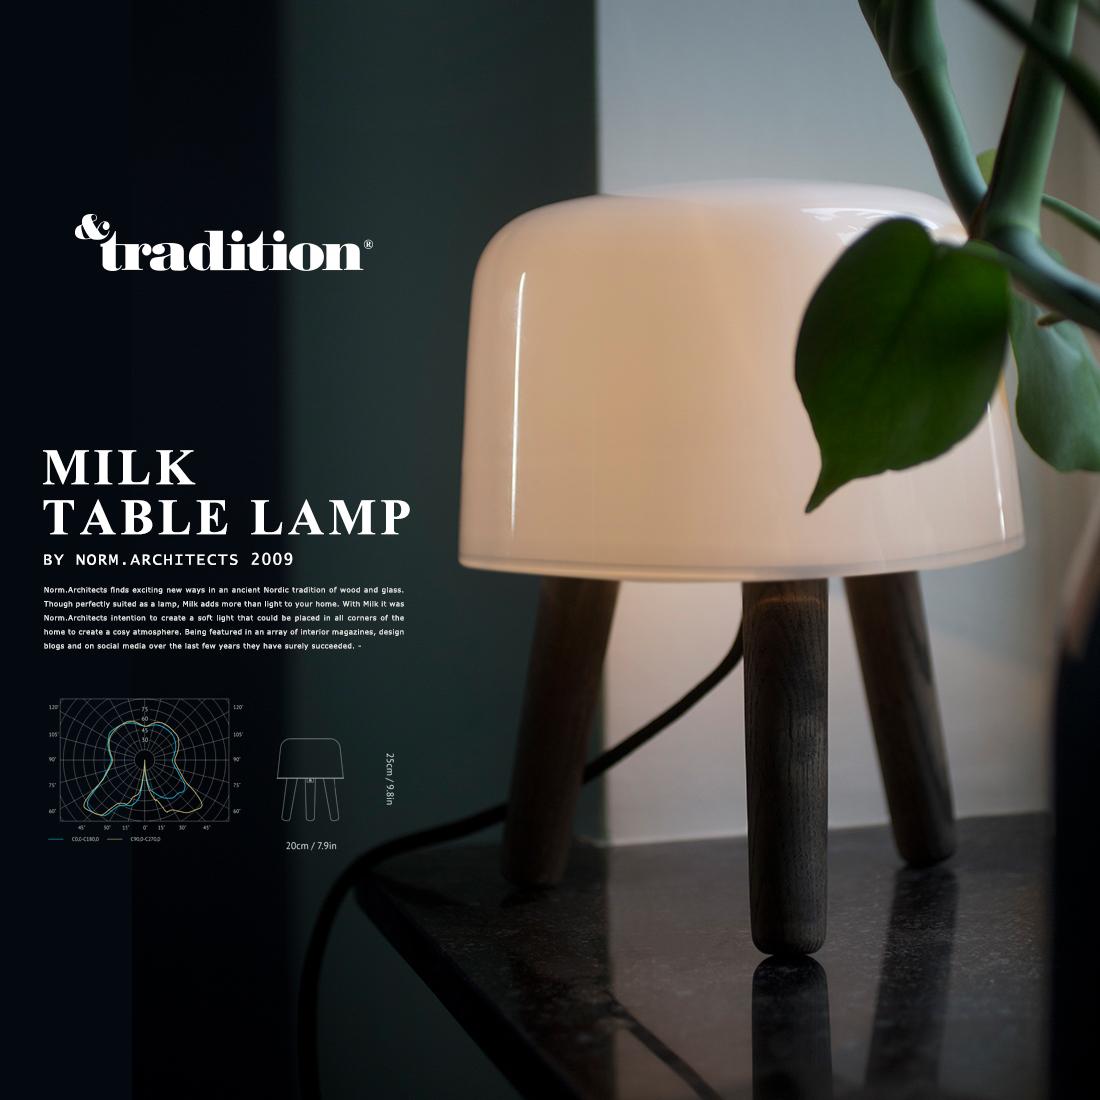 【&TRADITION/アンドトラディション】MILK TABLE LAMP ミルク テーブル ランプ &Tradition/アンドトラディッション/テーブルライト/照明/ガラス/木/リビングダイニング/Denmark/クラッシック/Norm Architects